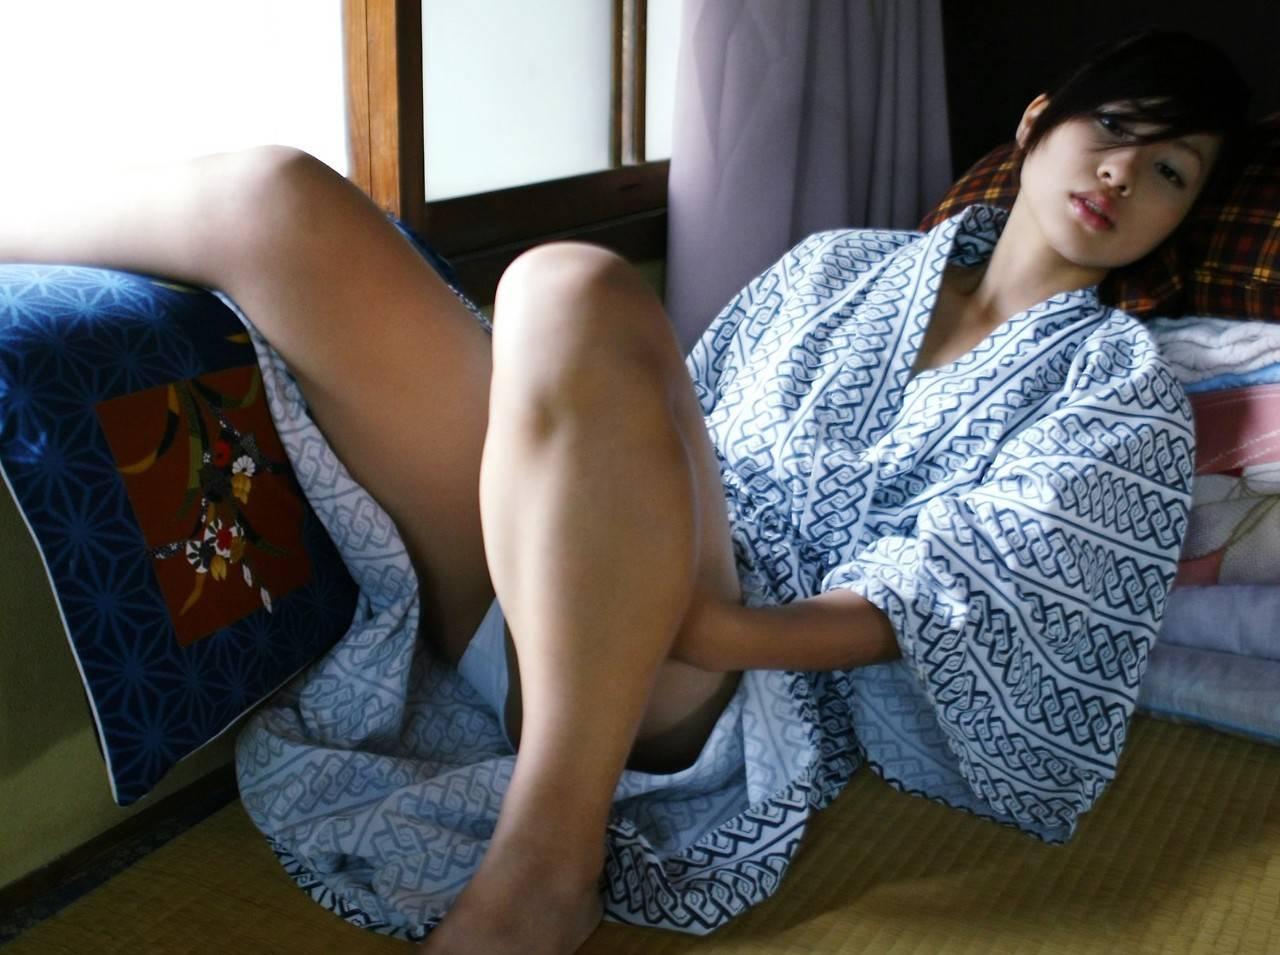 浴衣 パンチラ パンモロ 温泉旅館 観光ホテル エロ画像【20】